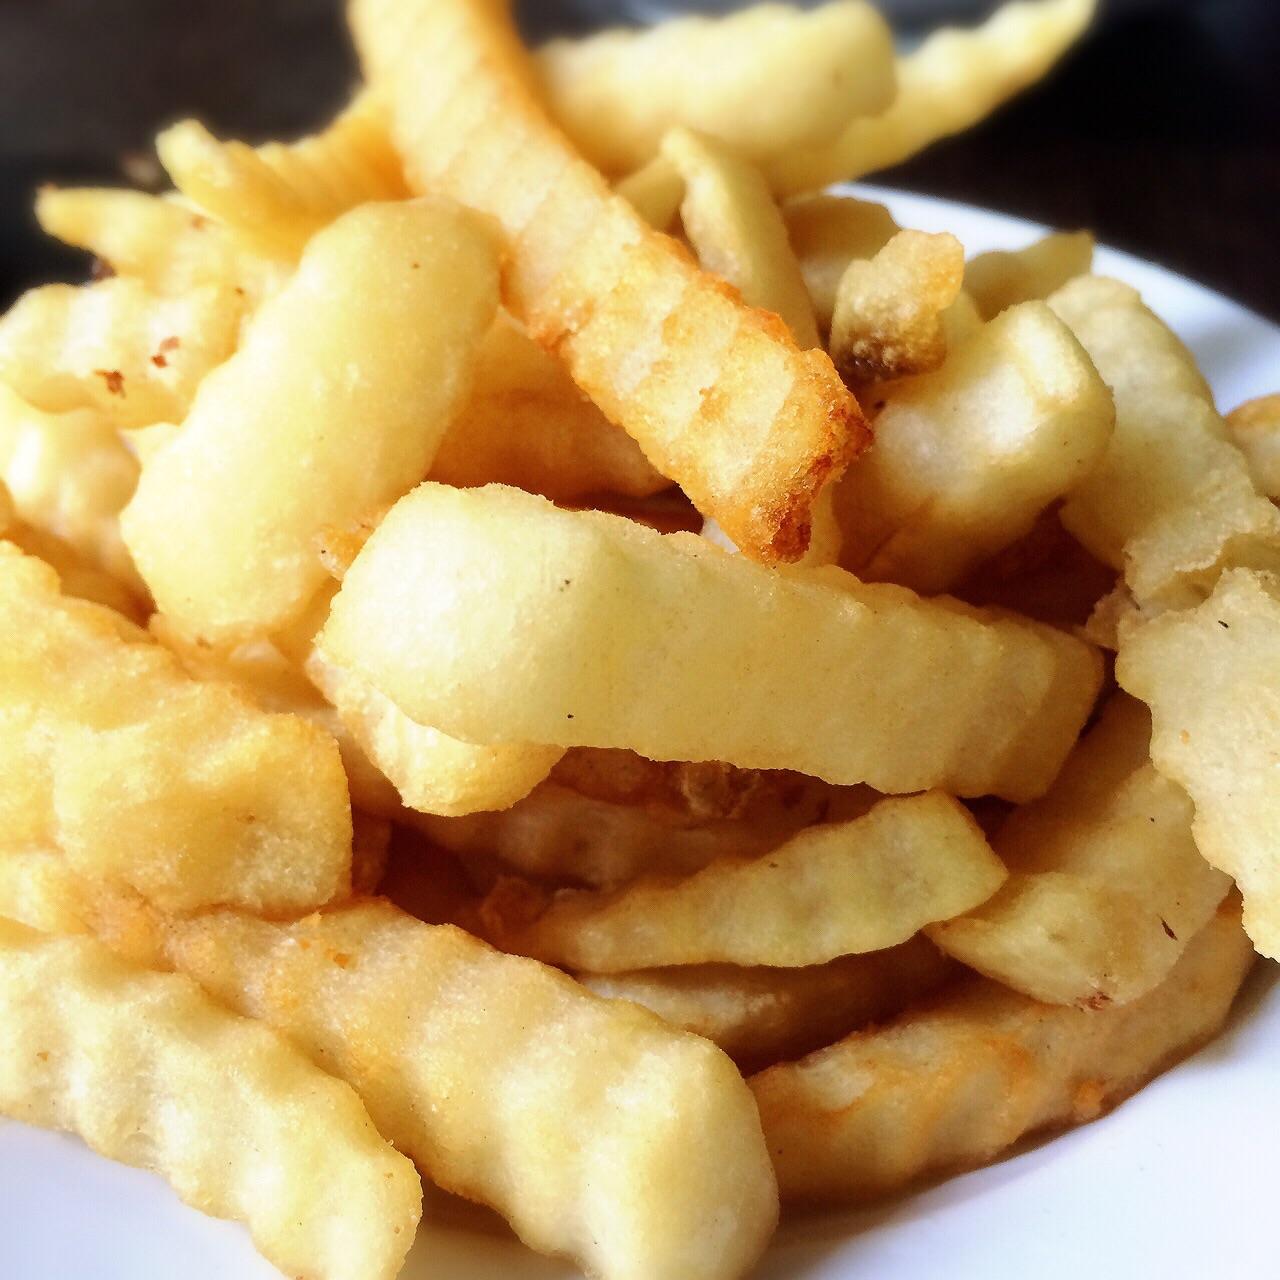 炸薯條 French Fries  $4.00